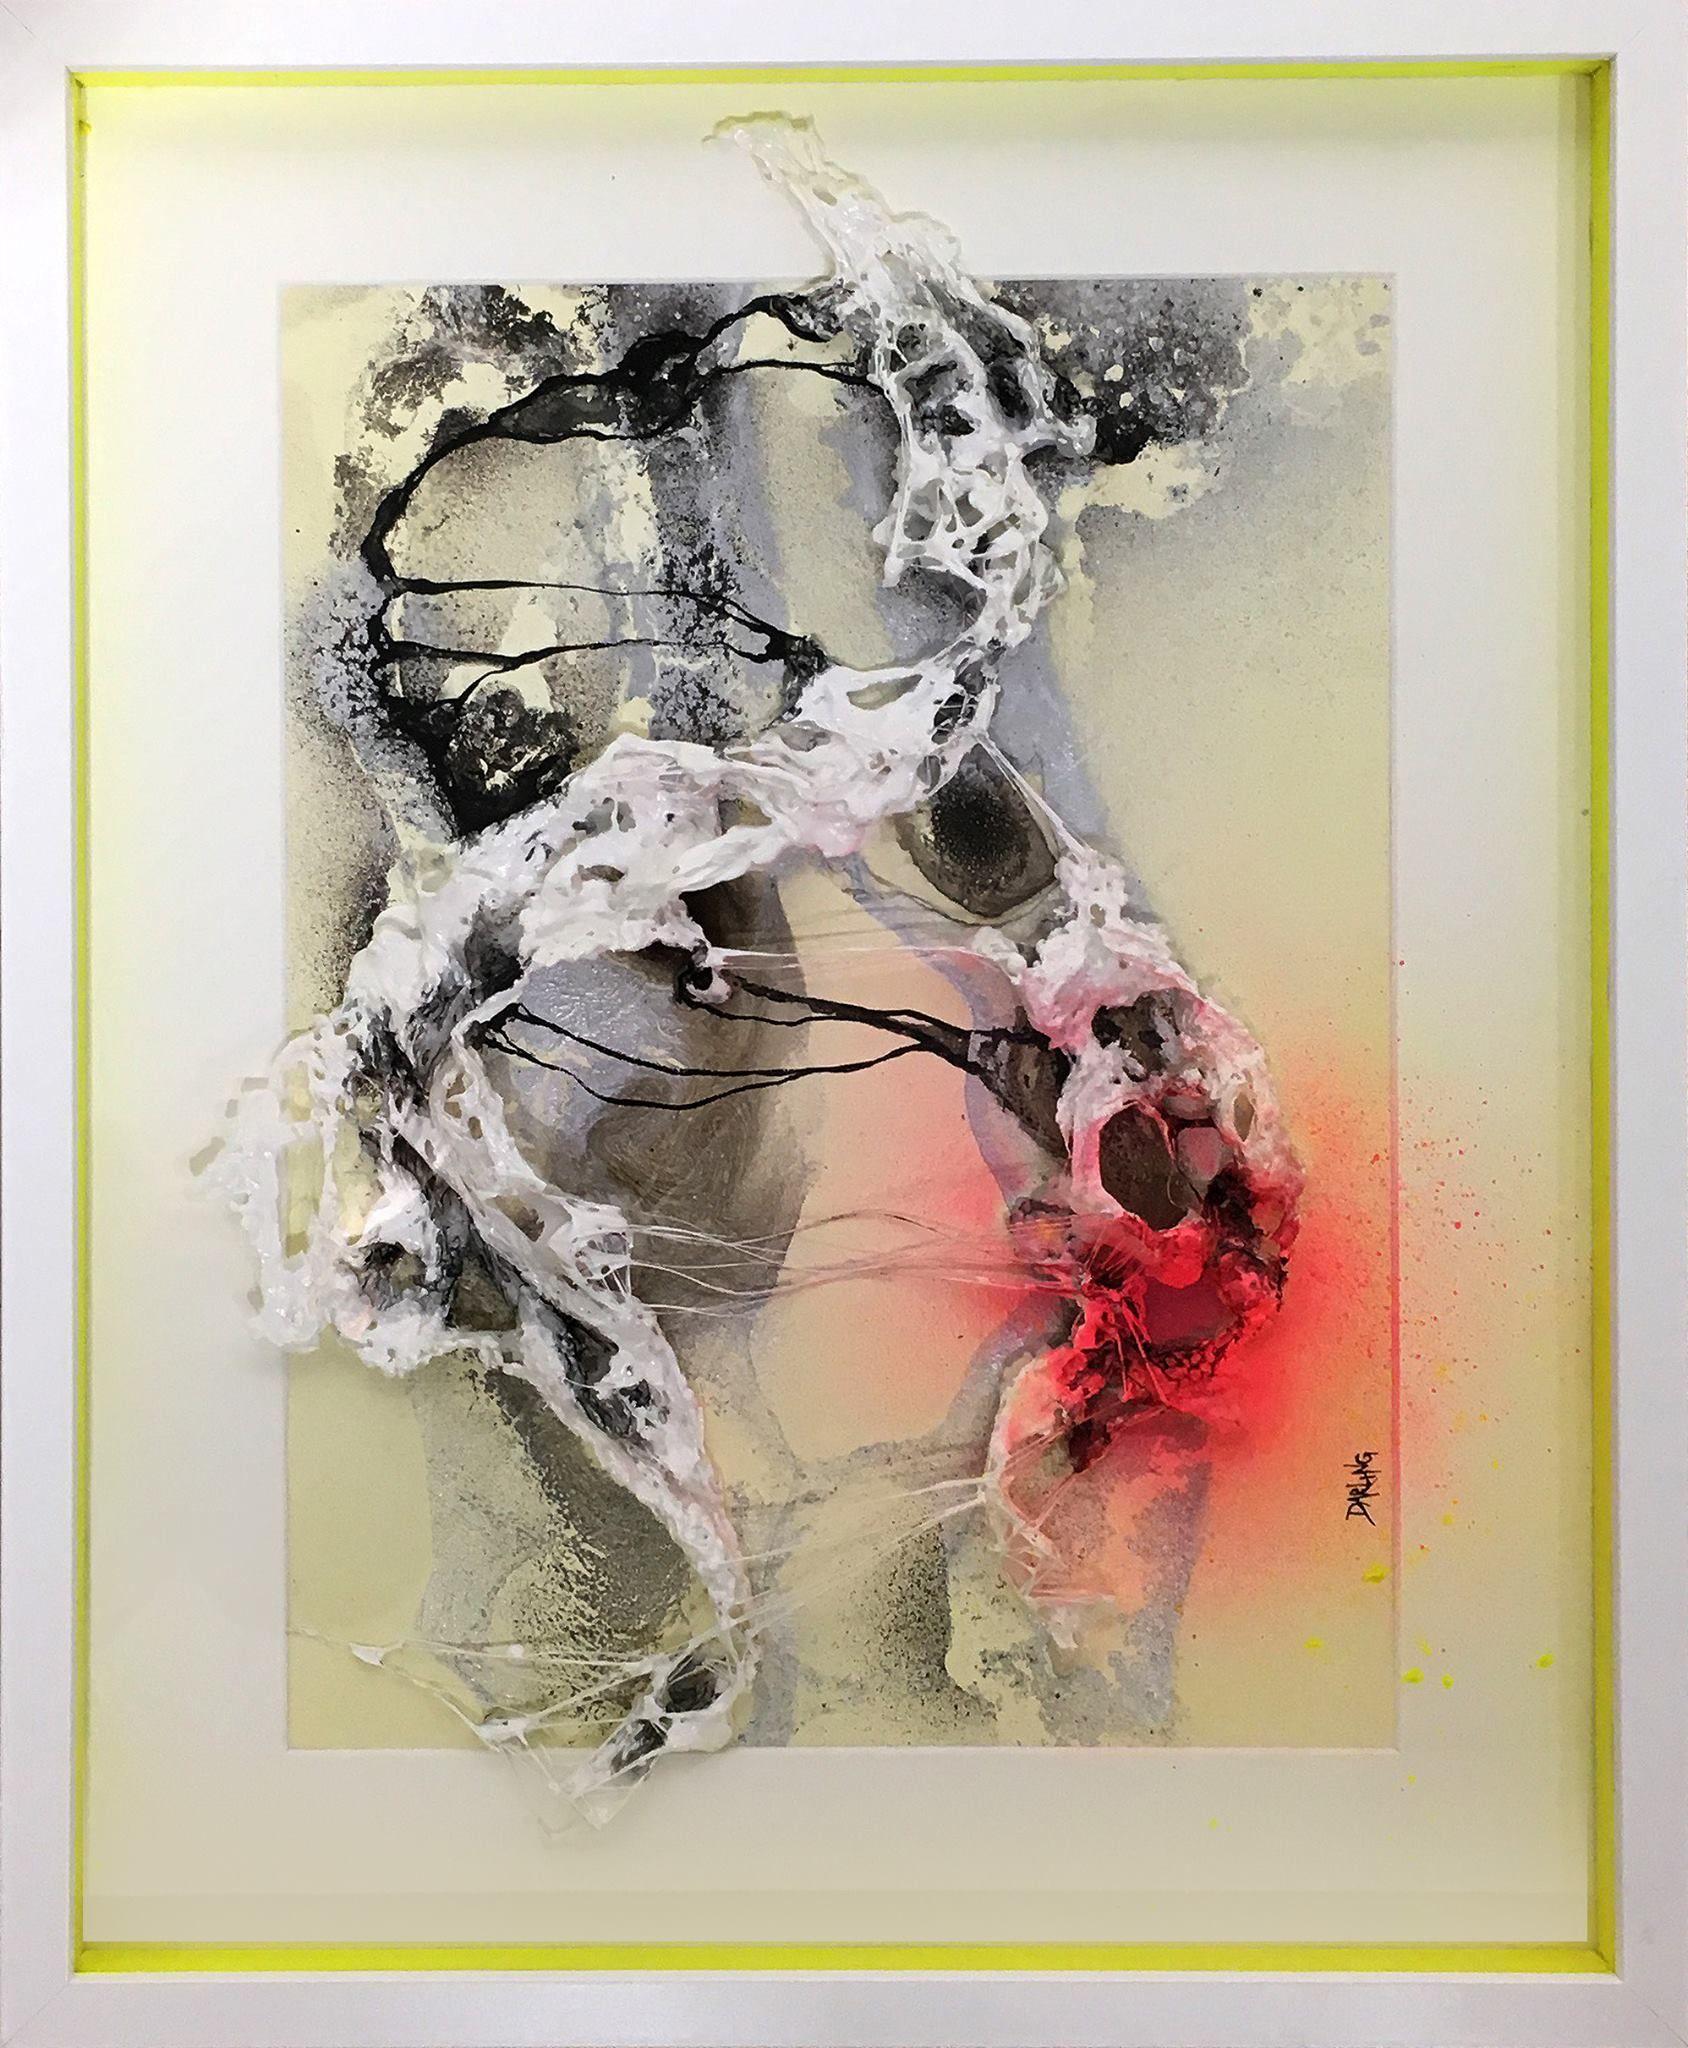 Stort Abstrakt Maleri Til Salg I Gul Og Pink Farver Moderne Farverigt Maleri Af Rikke Darling Abstract Painting Abstrakt Maling Abstrakt Abstrakte Malerier